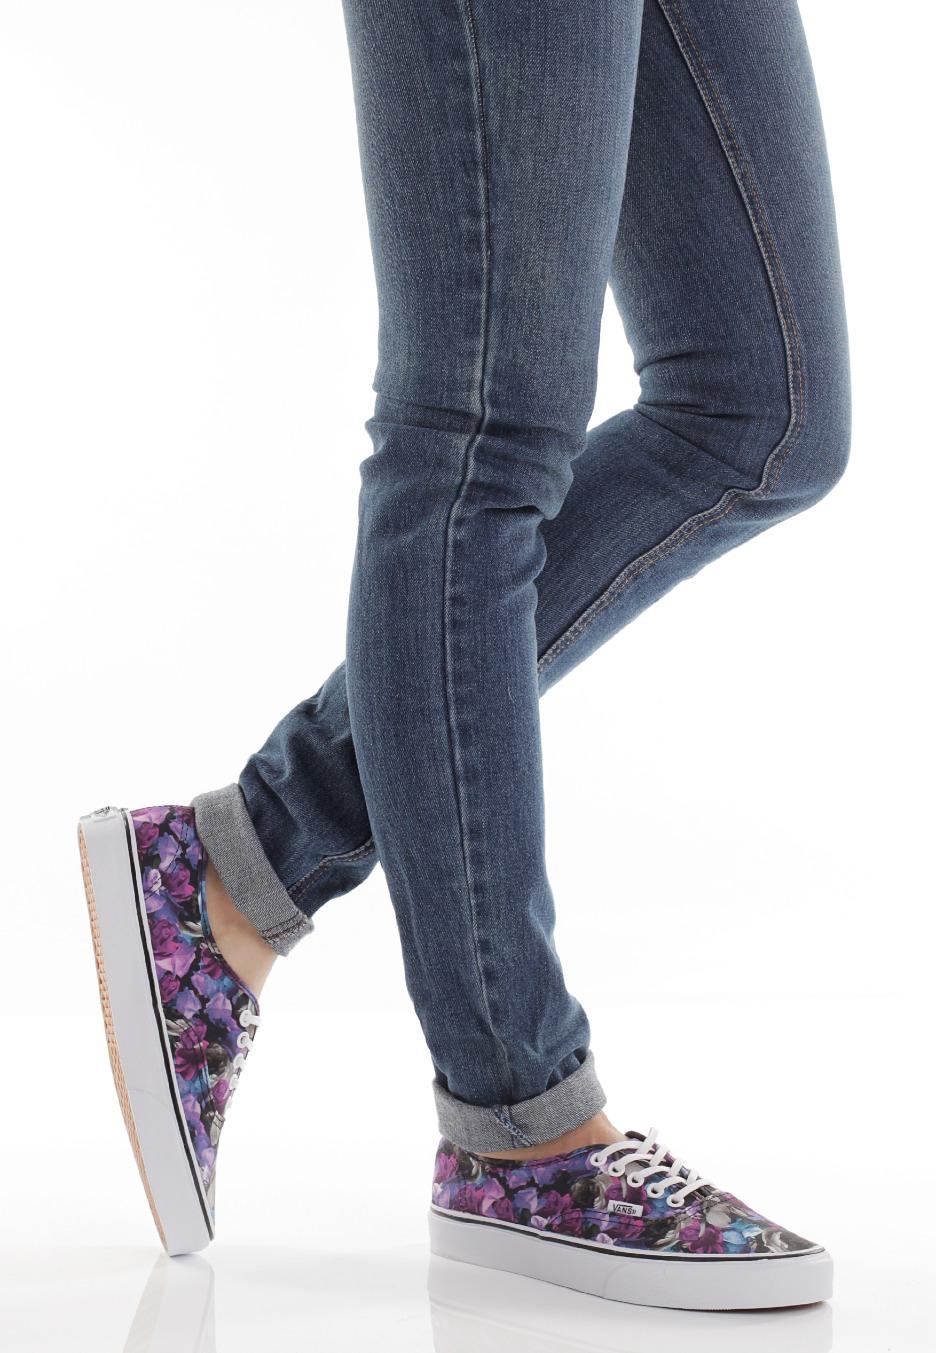 798d1bb5cd Vans - Authentic Digi Floral Multi True White - Girl Shoes ...